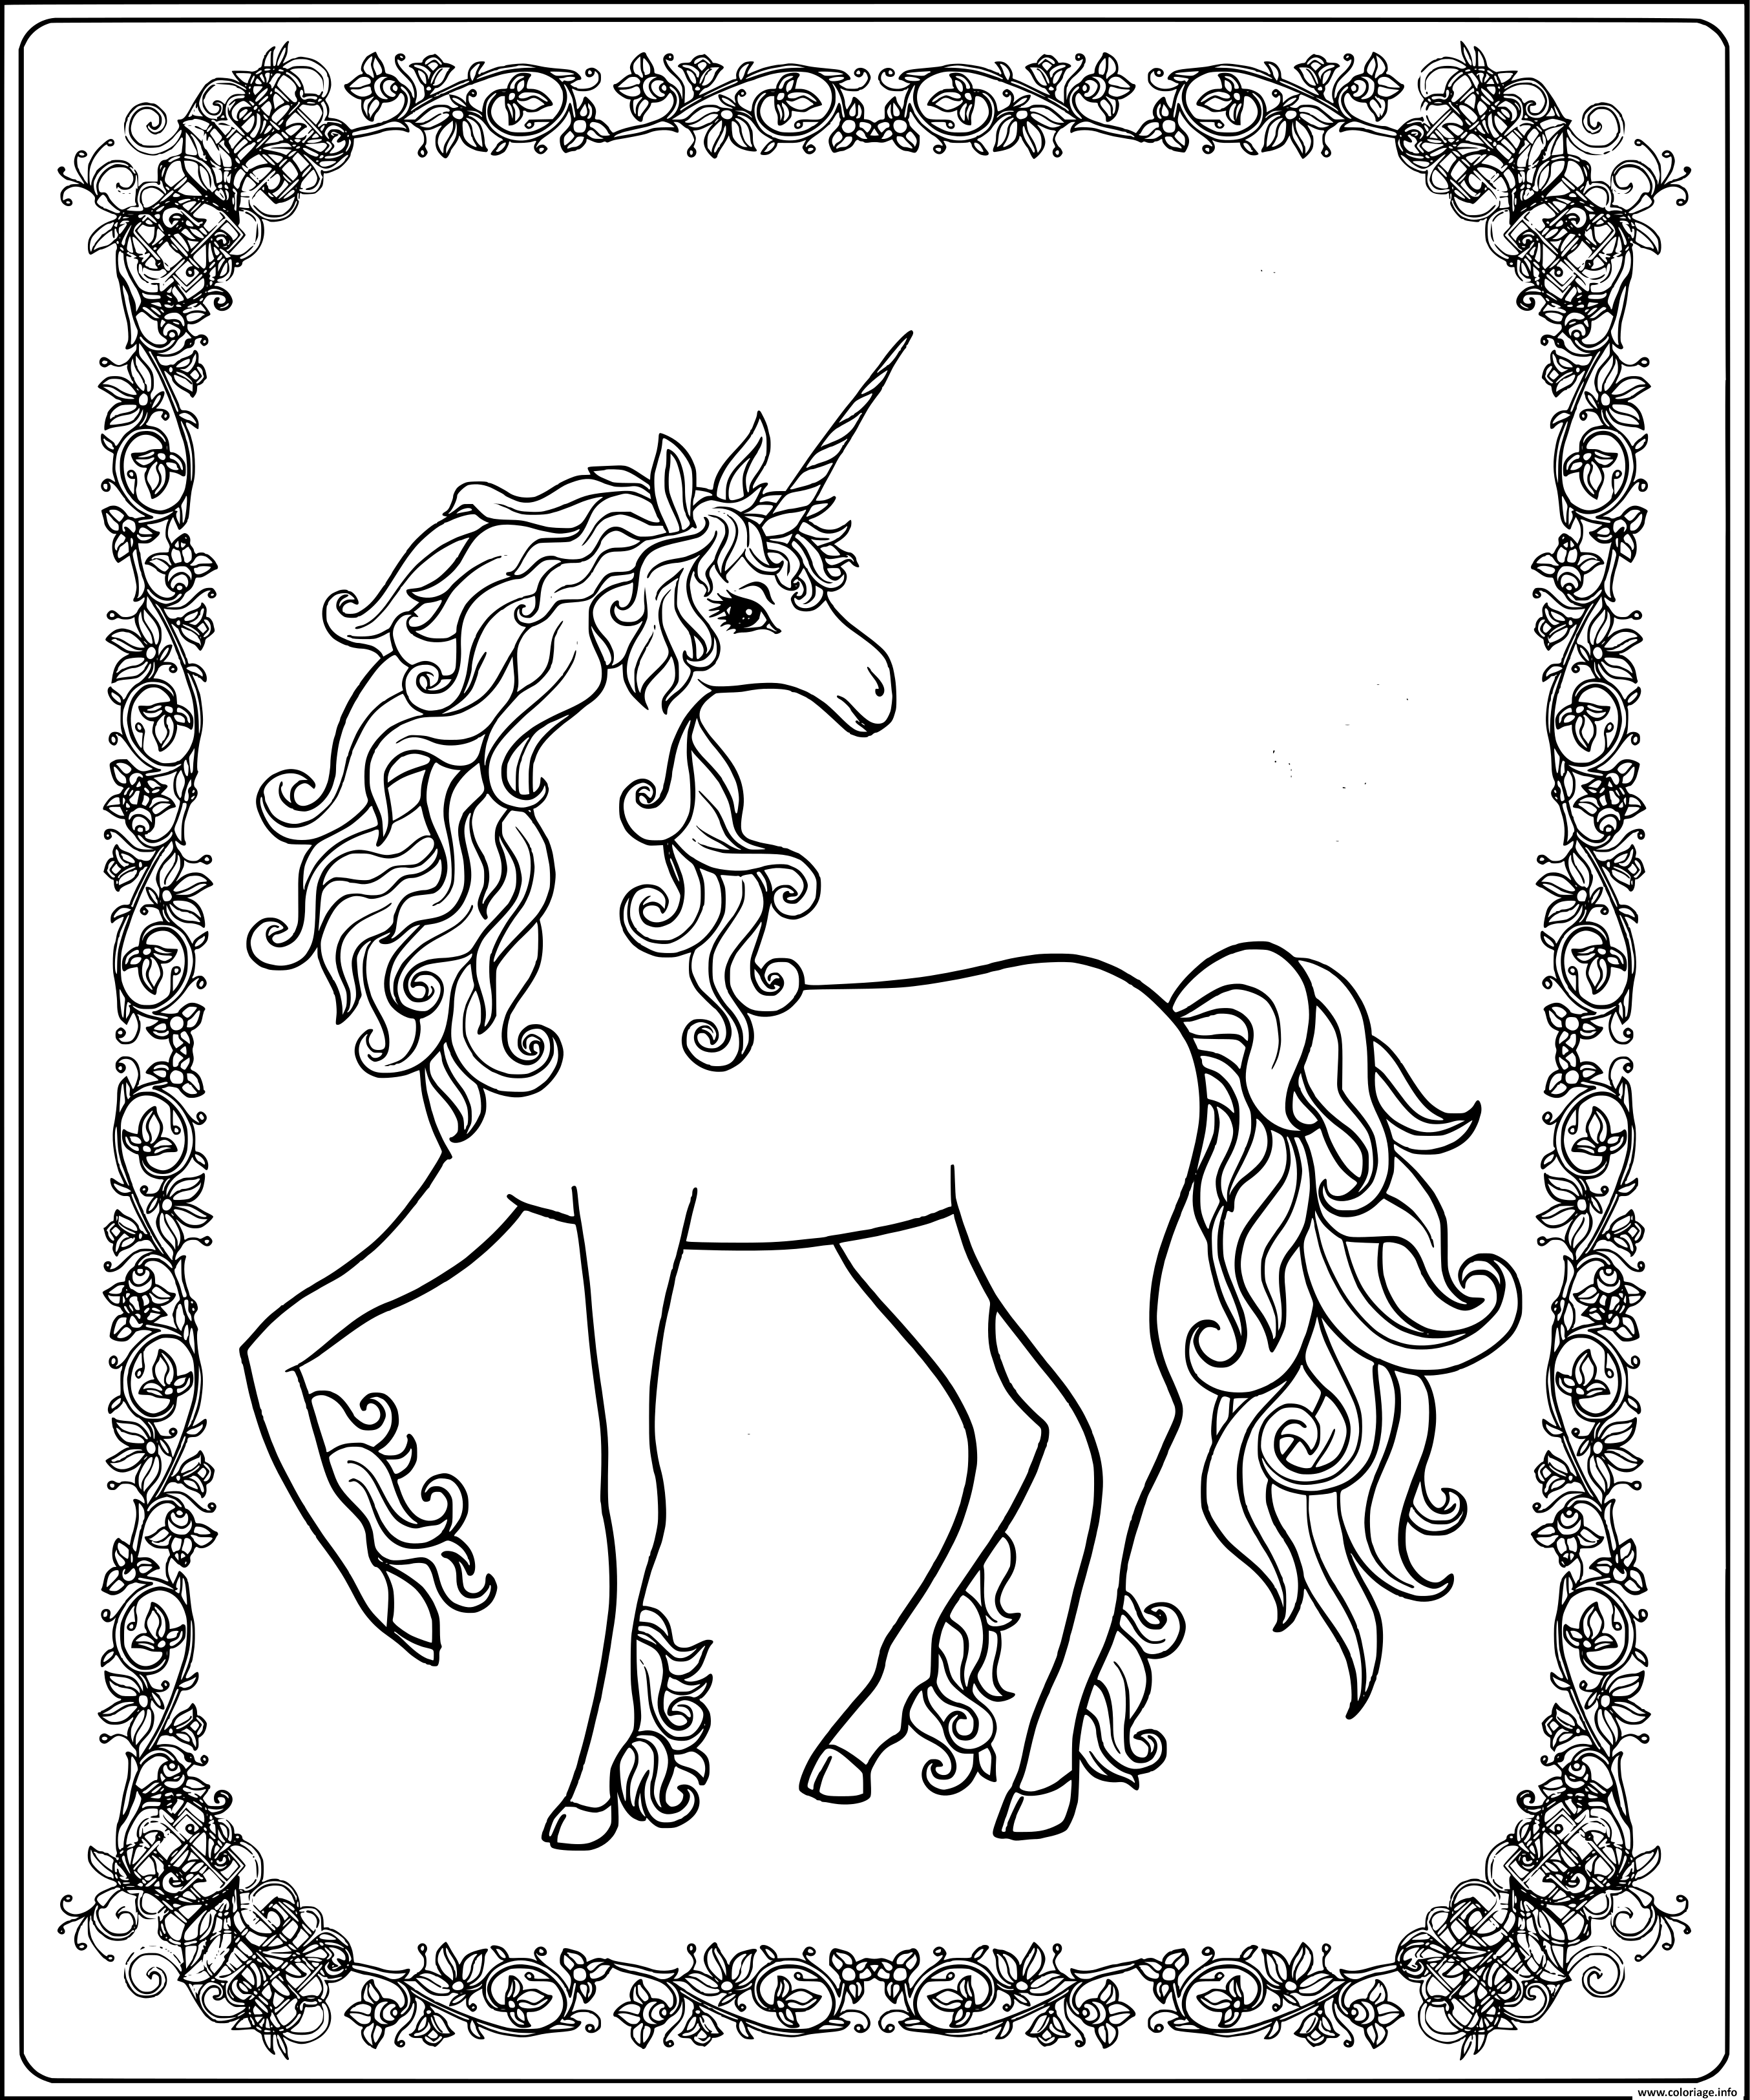 Coloriage Licorne Et Fleurs.Coloriage Licorne Royale Avec Contour En Fleurs Jecolorie Com